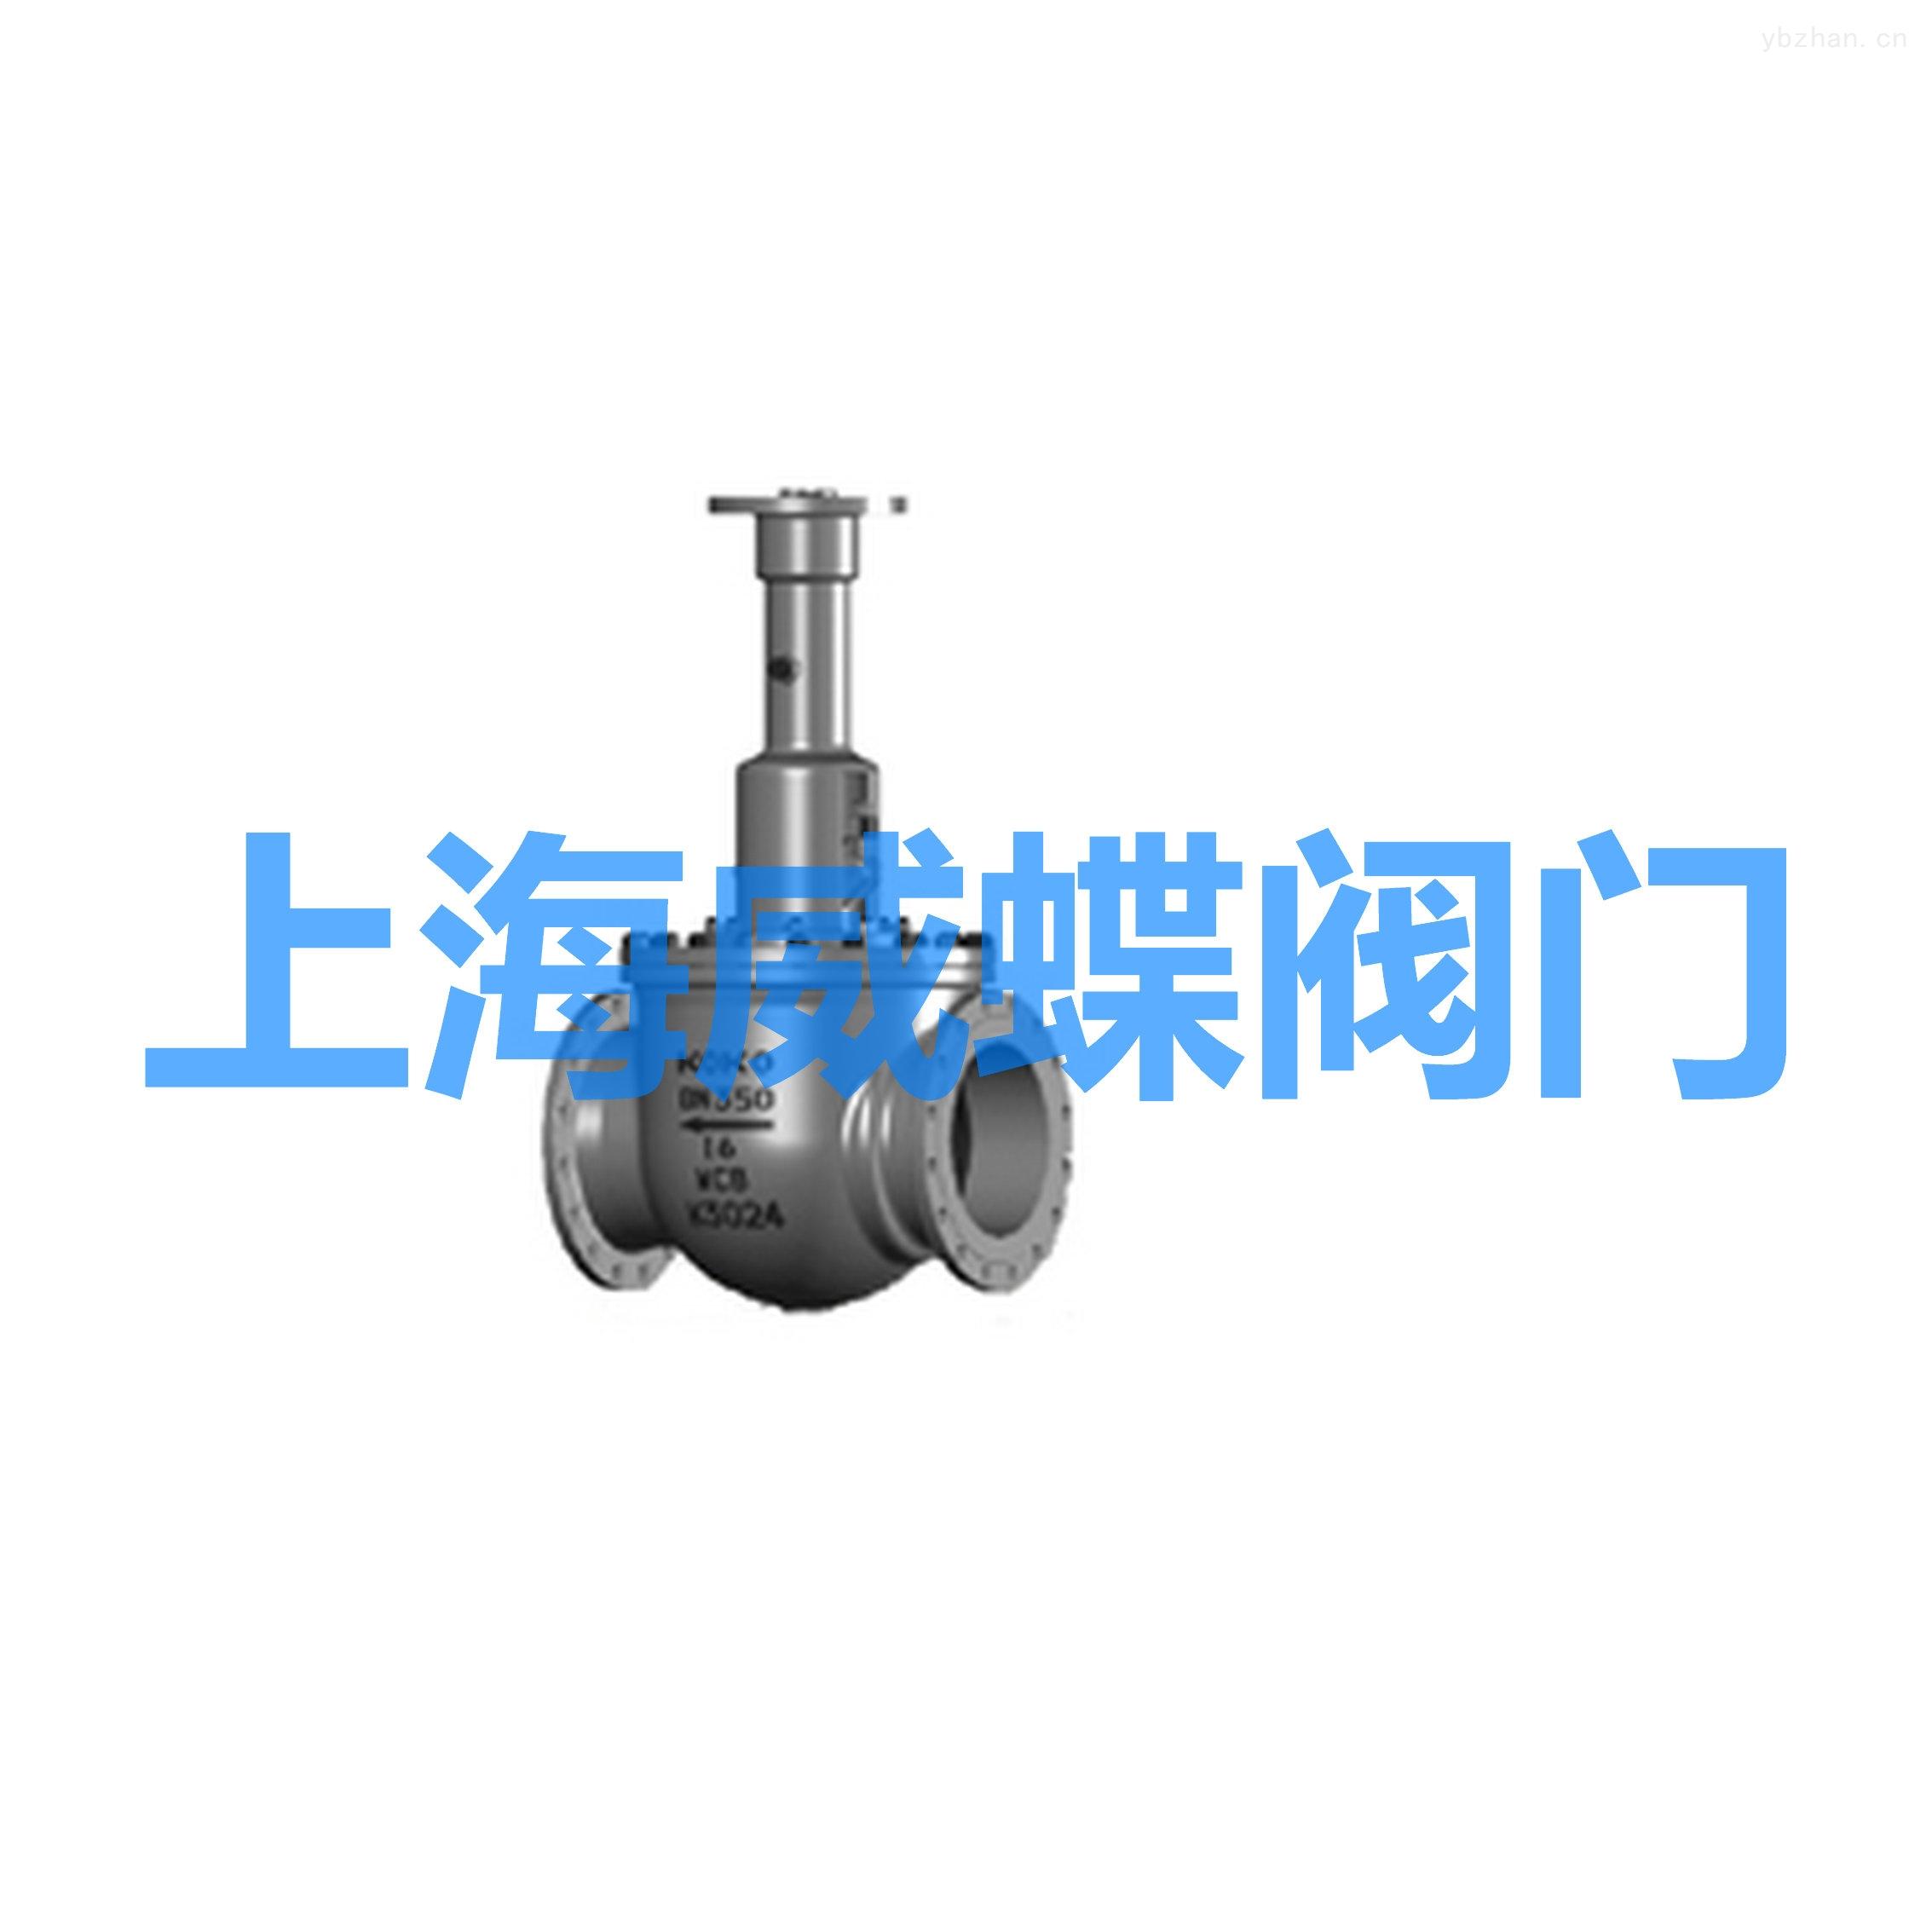 軌道球閥,軌道球閥型號,軌道球閥工作原理